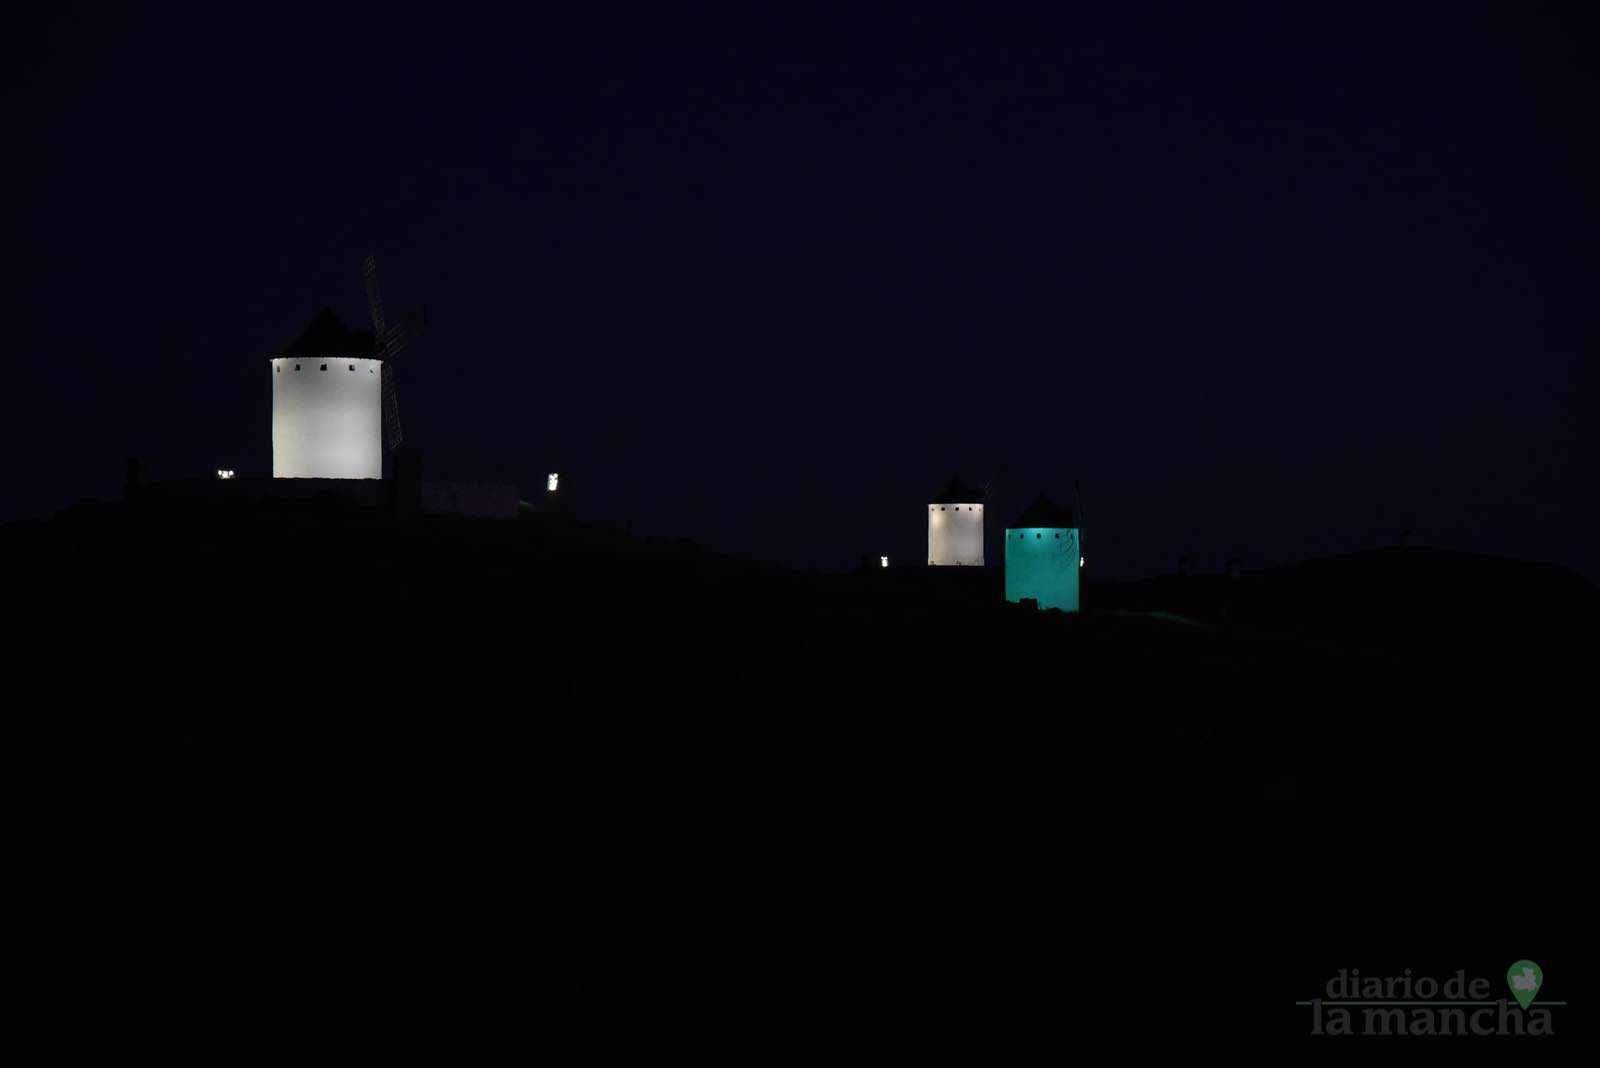 Herencia vuelve a inaugurar con una nueva iluminación artística sus molinos de viento 43